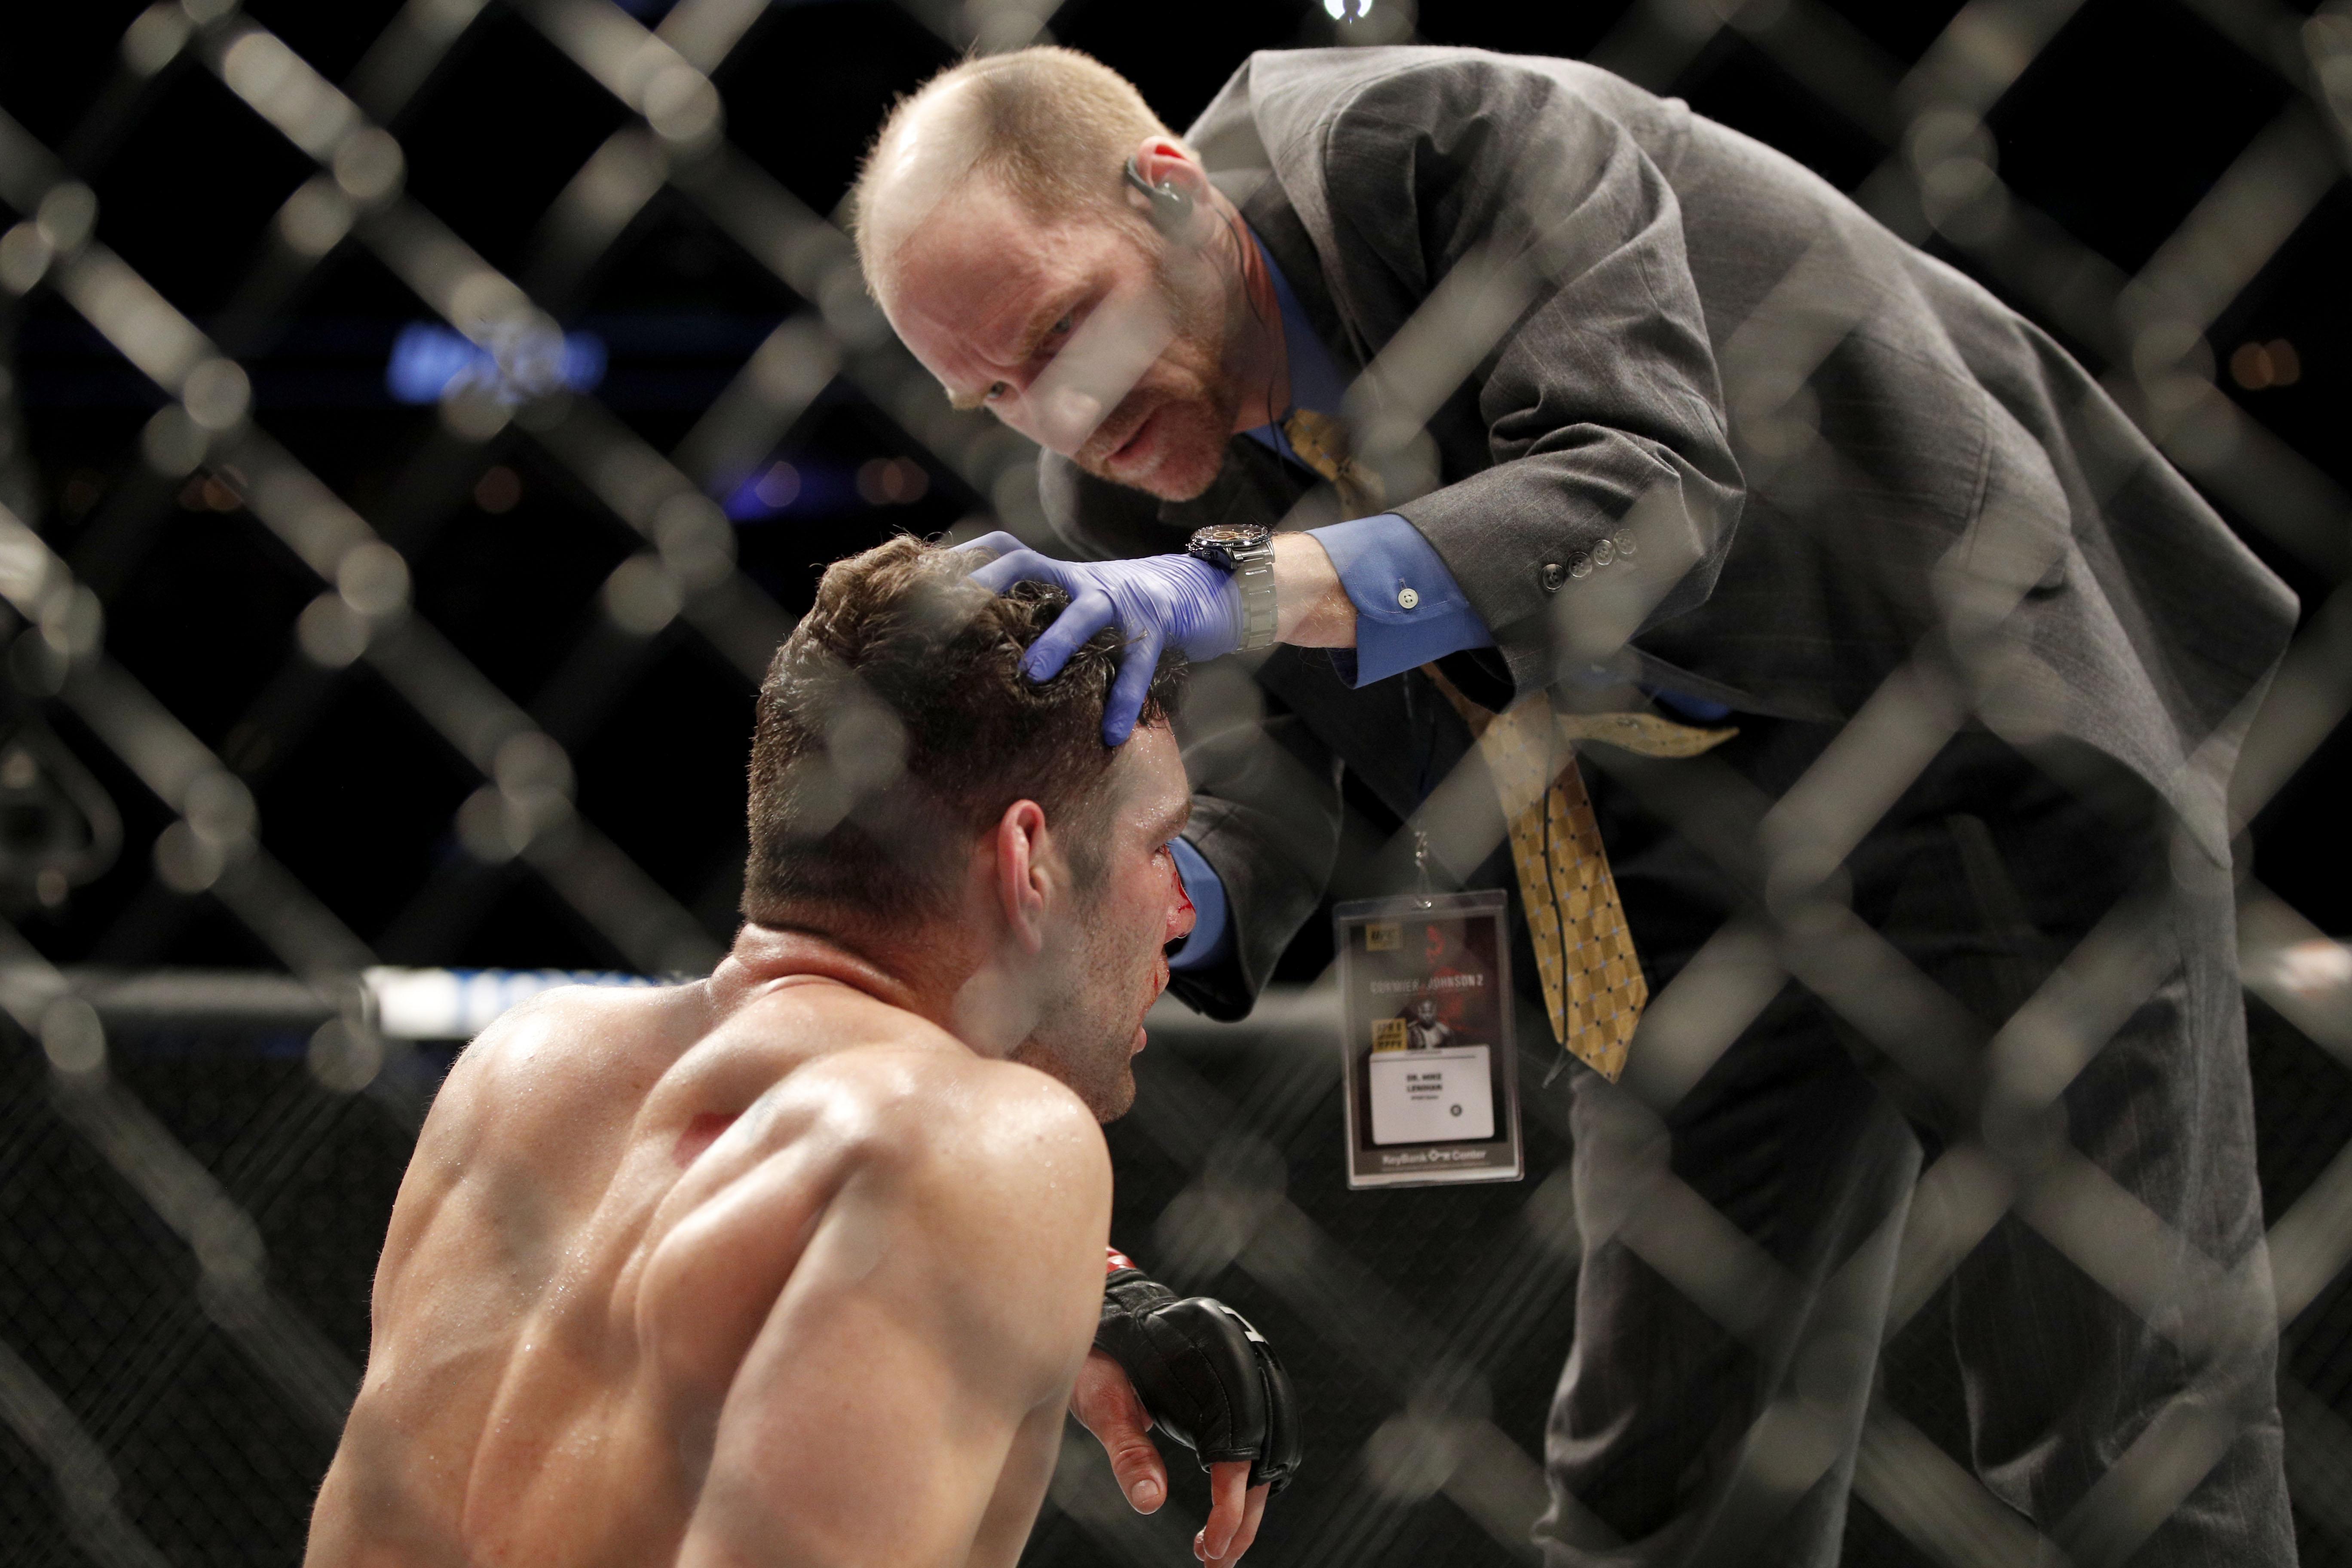 MMA: UFC 210-Weidman vs Mousasi